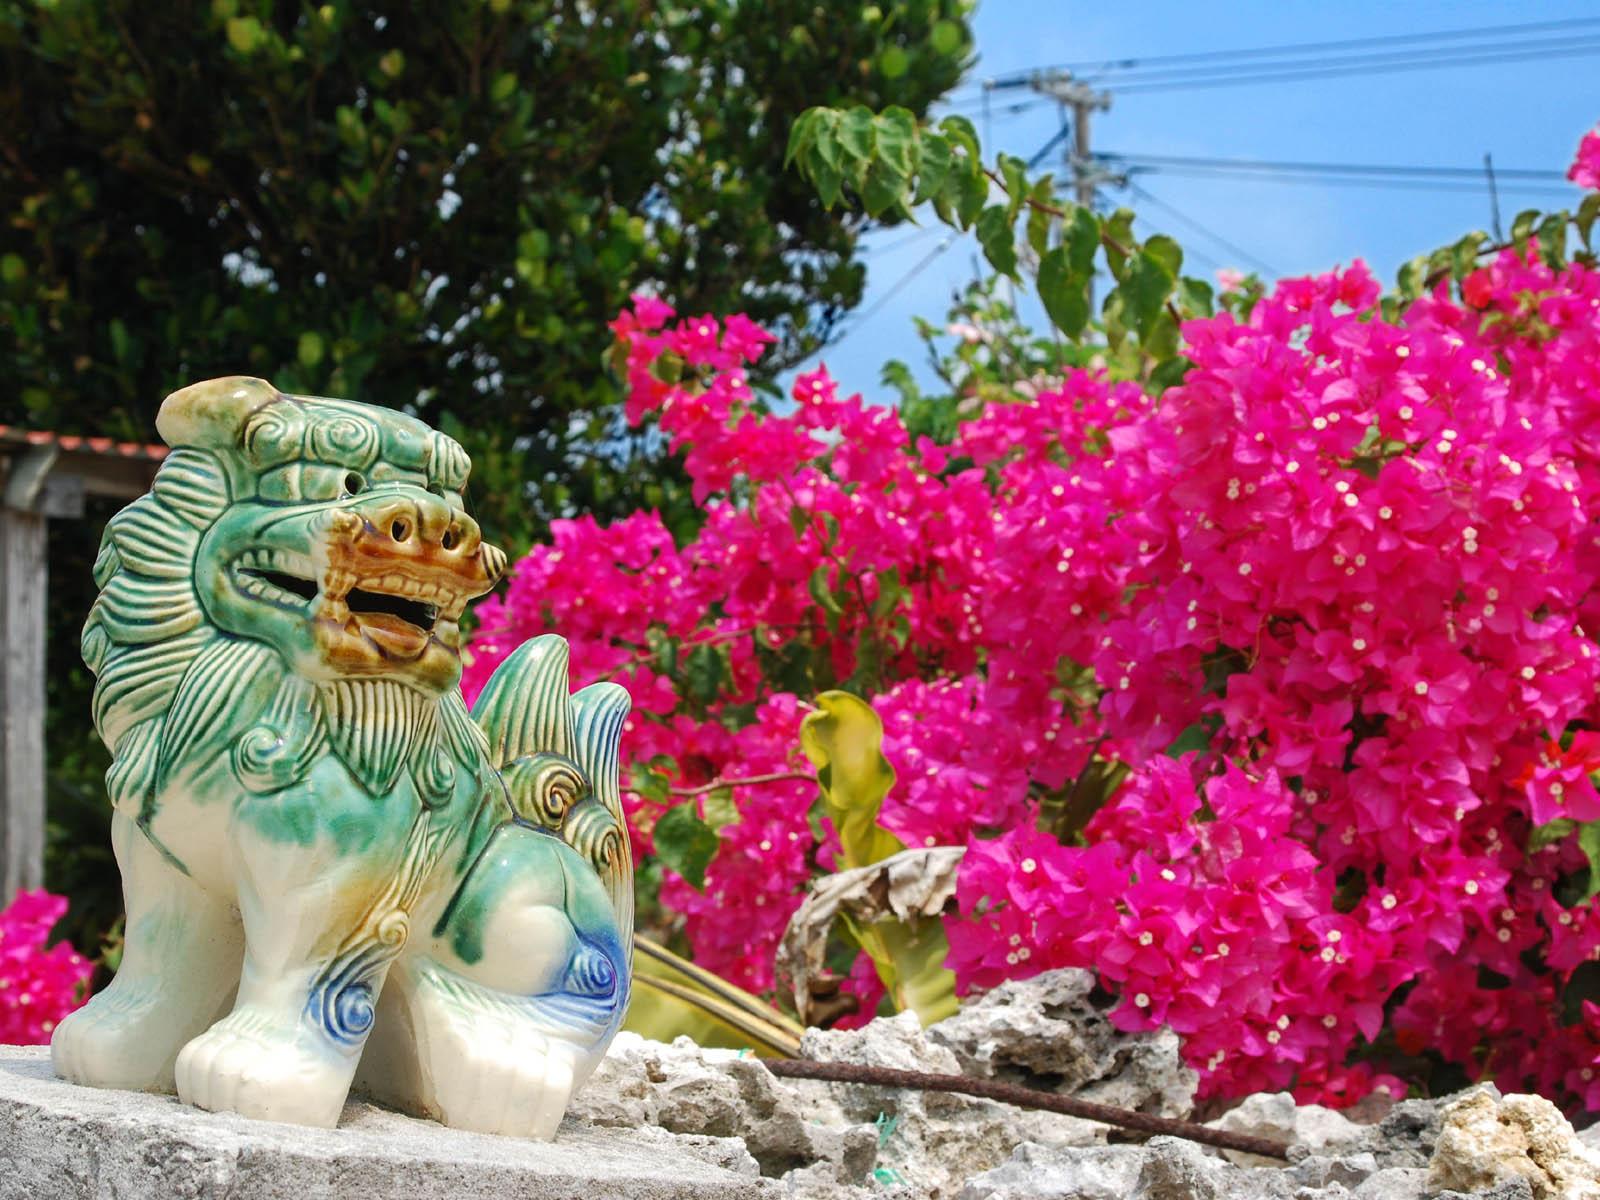 ようこそ楽園へ!沖縄の高画質な壁紙画像まとめ